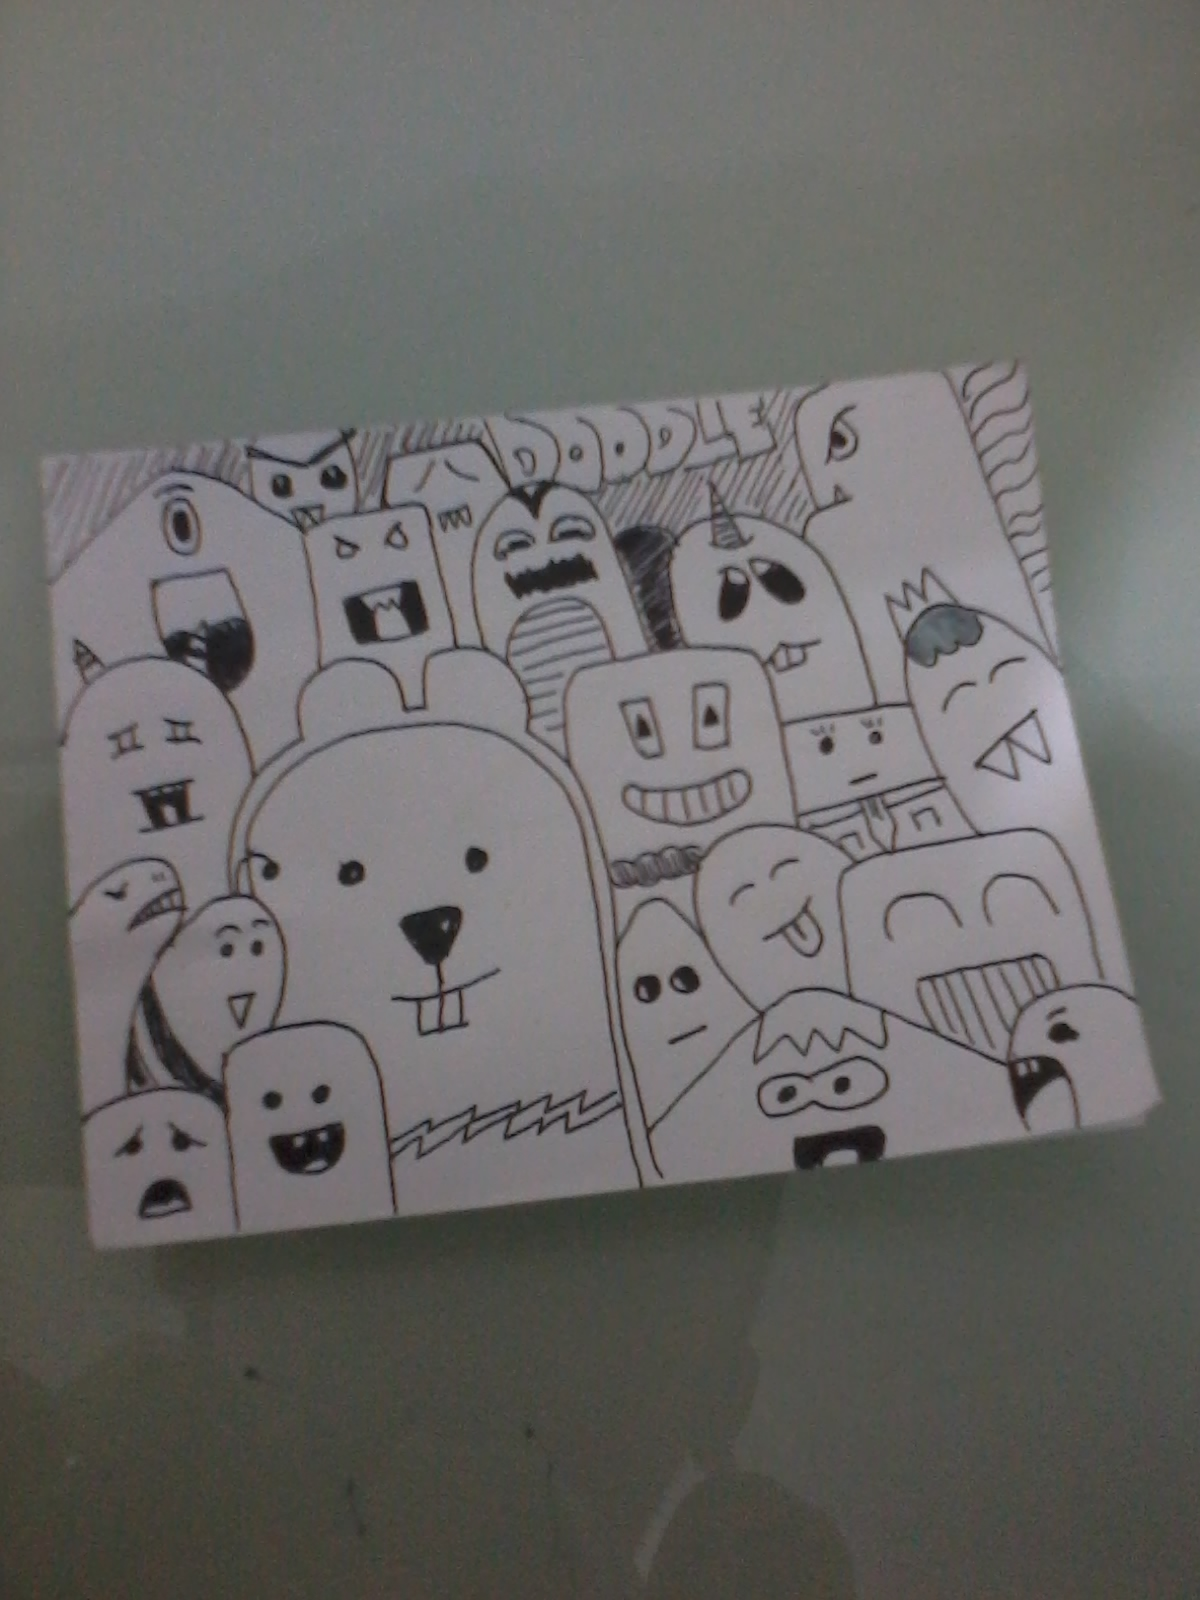 Gambar Koleksi Gambar Doodle Art Terbaik Terbaru Luc